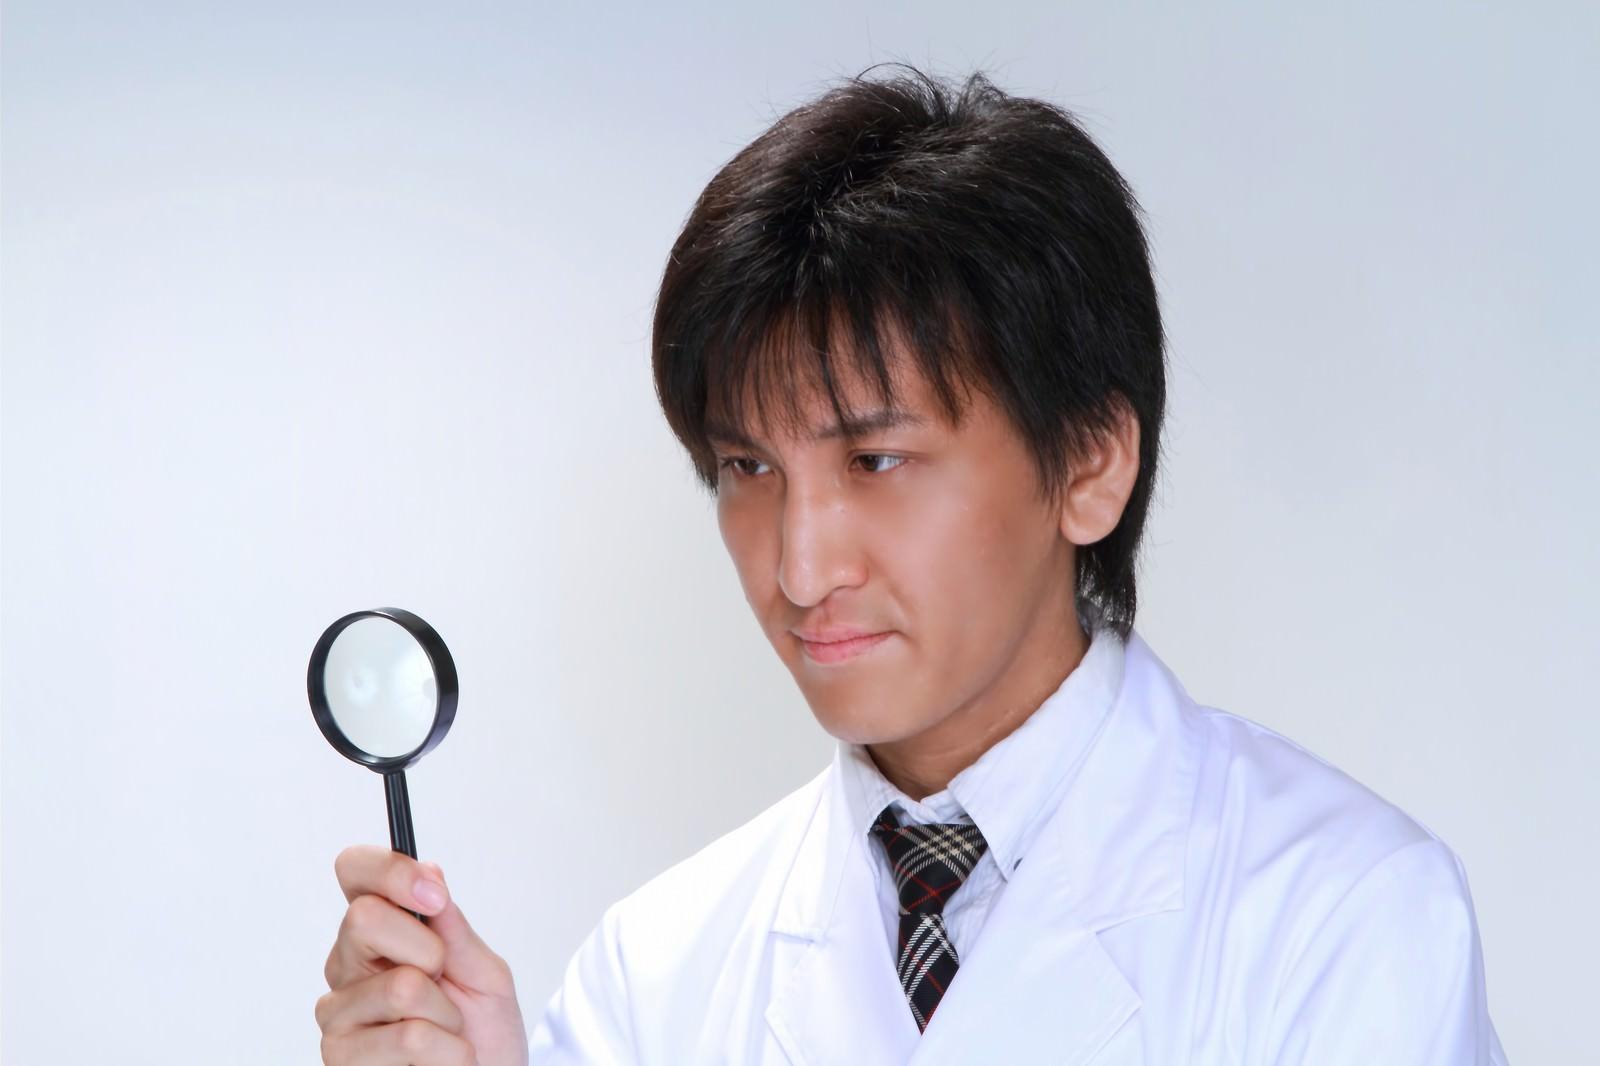 「虫眼鏡で確認する白衣の男性」の写真[モデル:ACE]